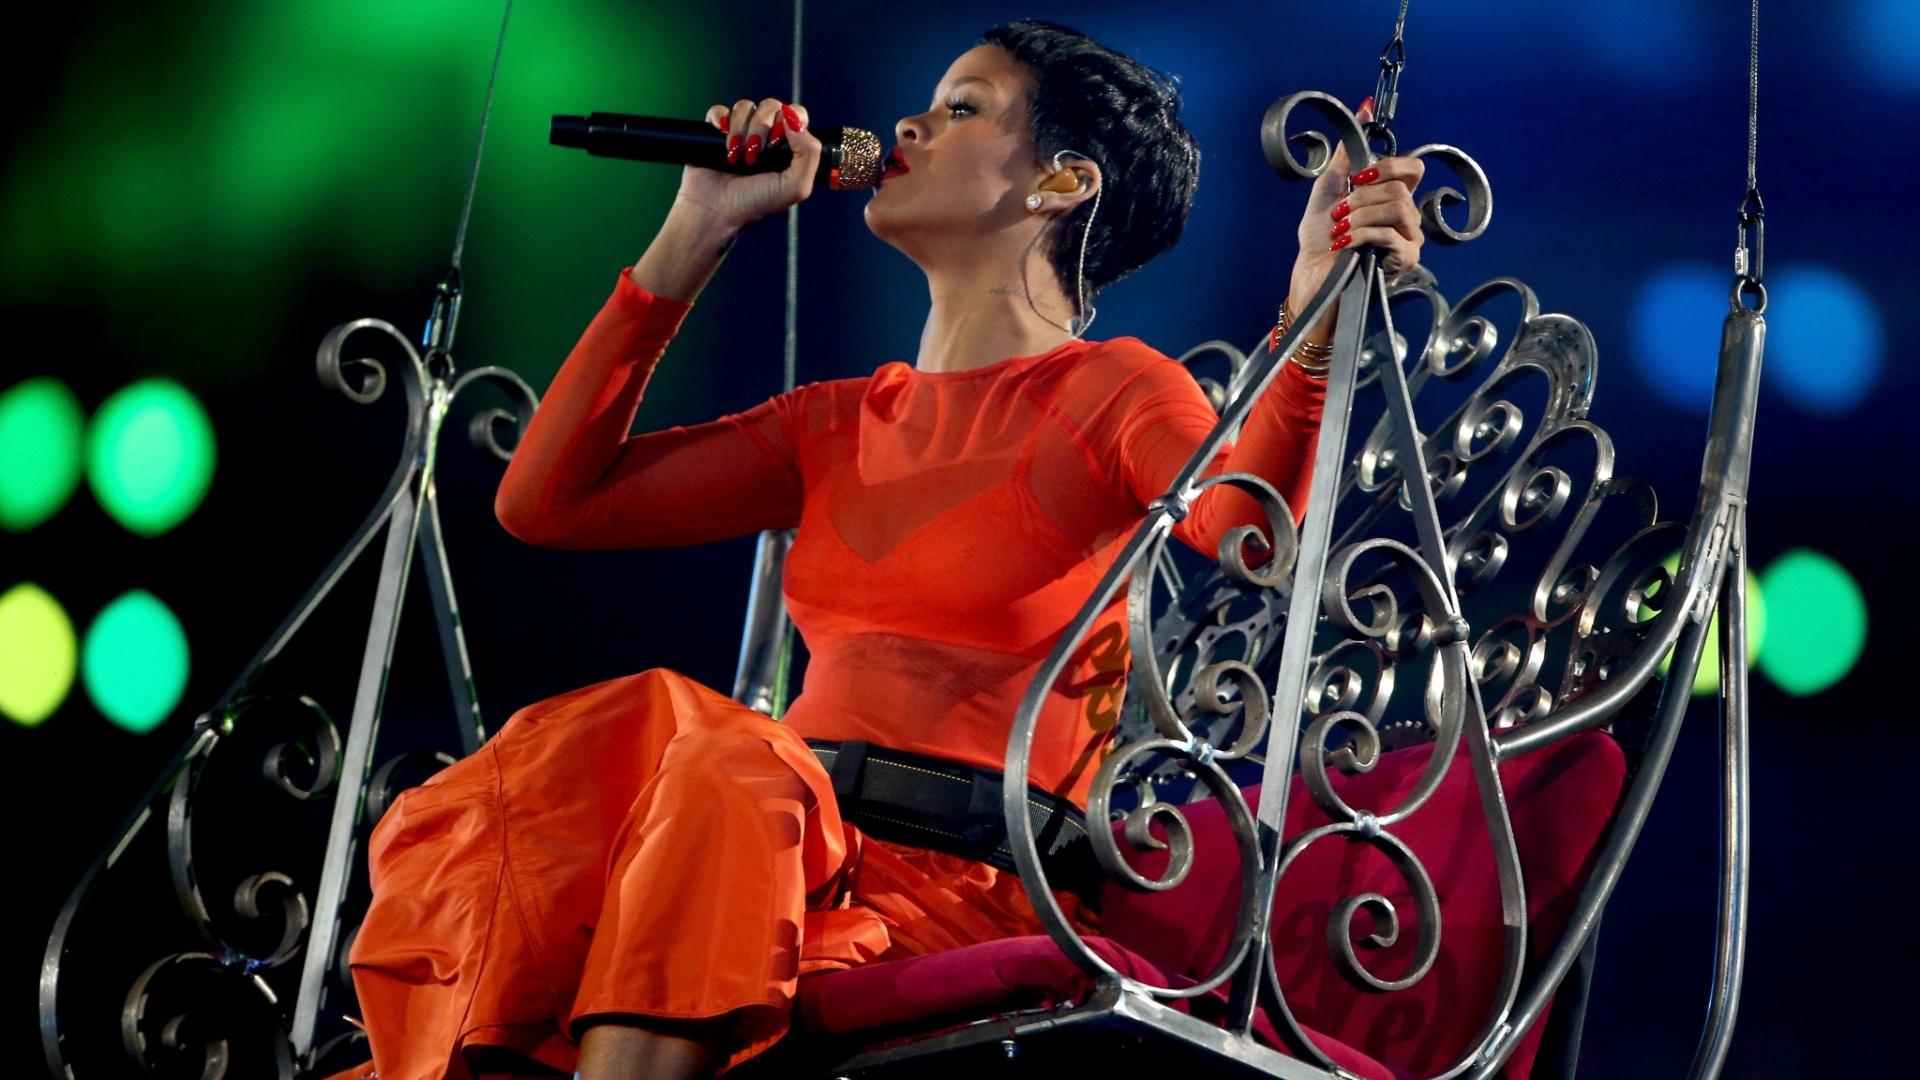 Cantora Rihanna durante apresentação na cerimônia de encerramento dos Jogos Paraolímpicos de Londres